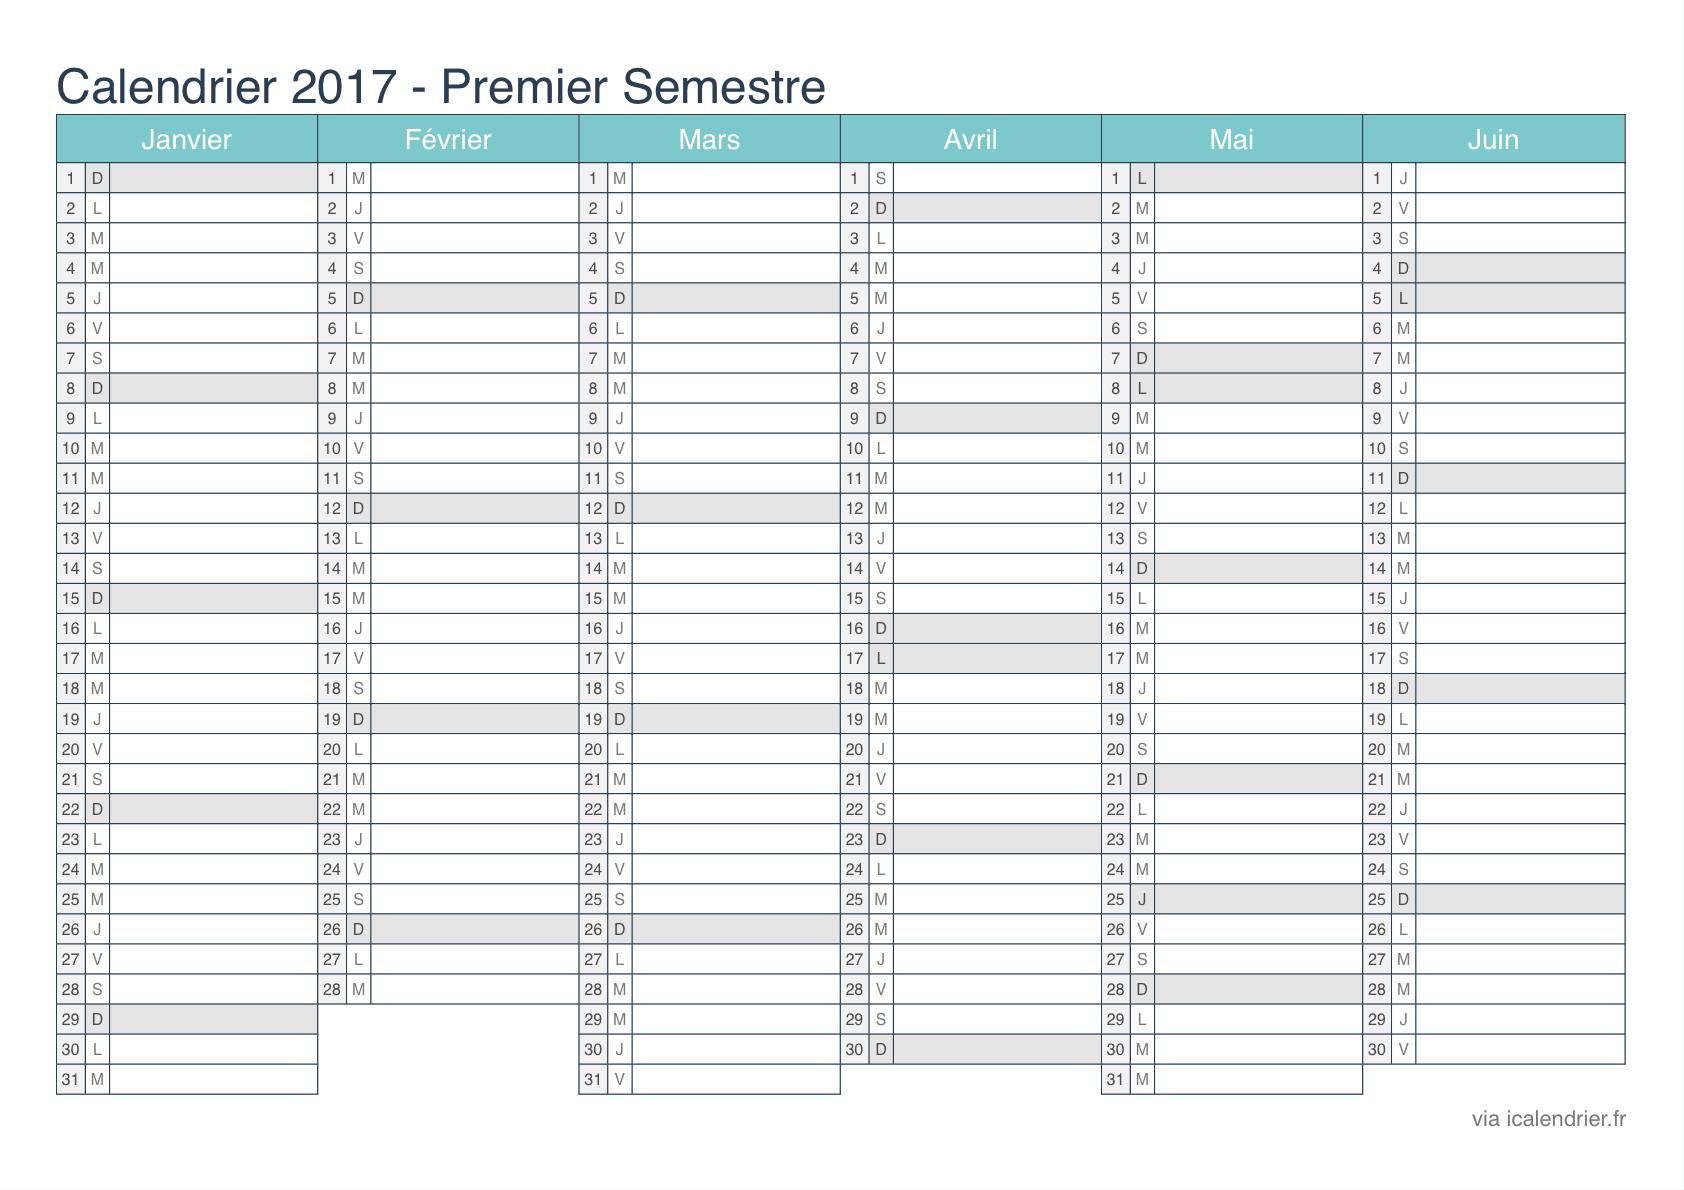 Calendrier 2017 À Imprimer Pdf Et Excel - Icalendrier tout Calendrier 2017 Imprimable